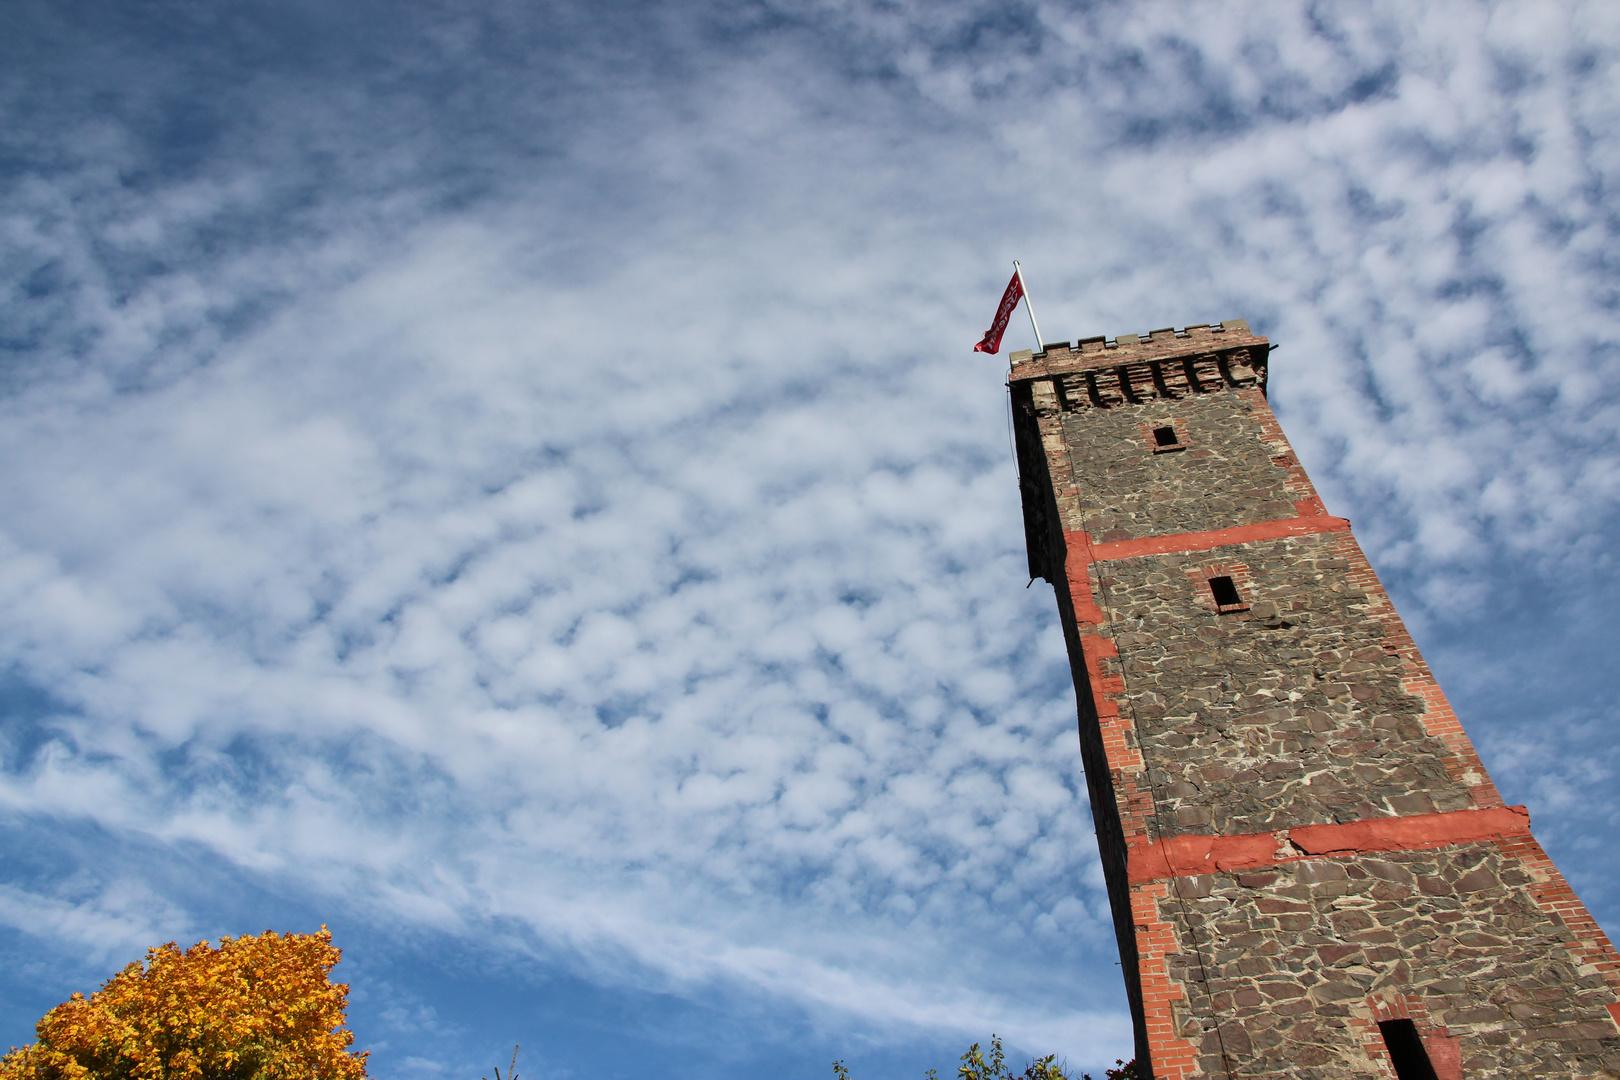 Bismarckturm Bad Lauterberg, ein Wolkenkratzer ;)